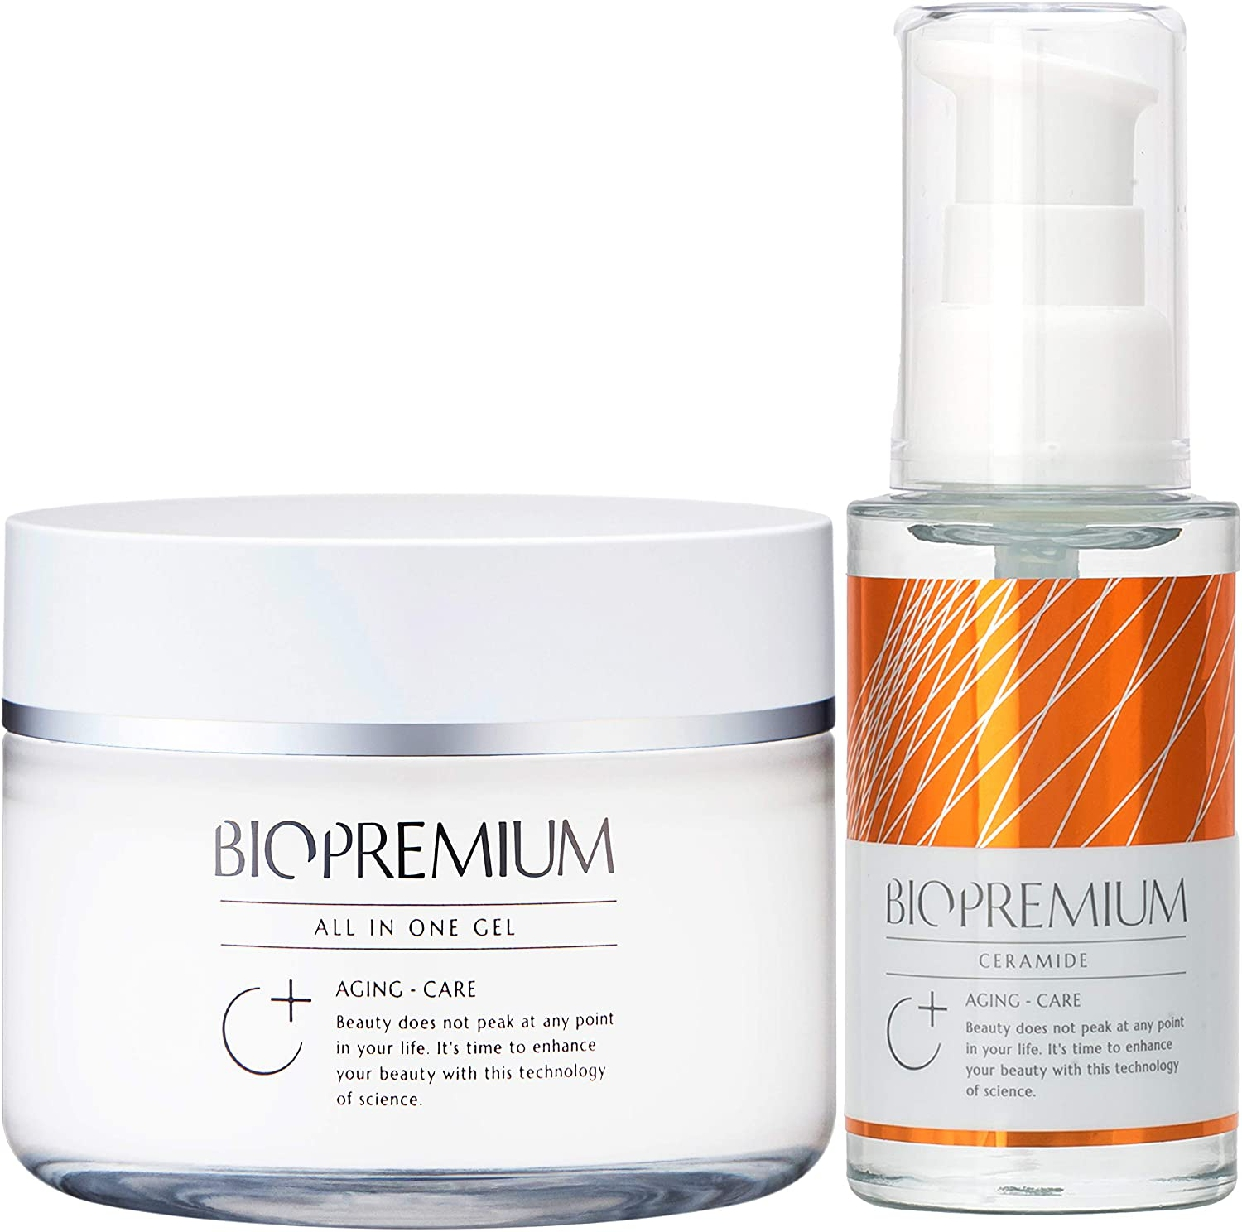 BIOPREMIUM(バイオプレミアム)オールインワンジェル+原液美容液 セット